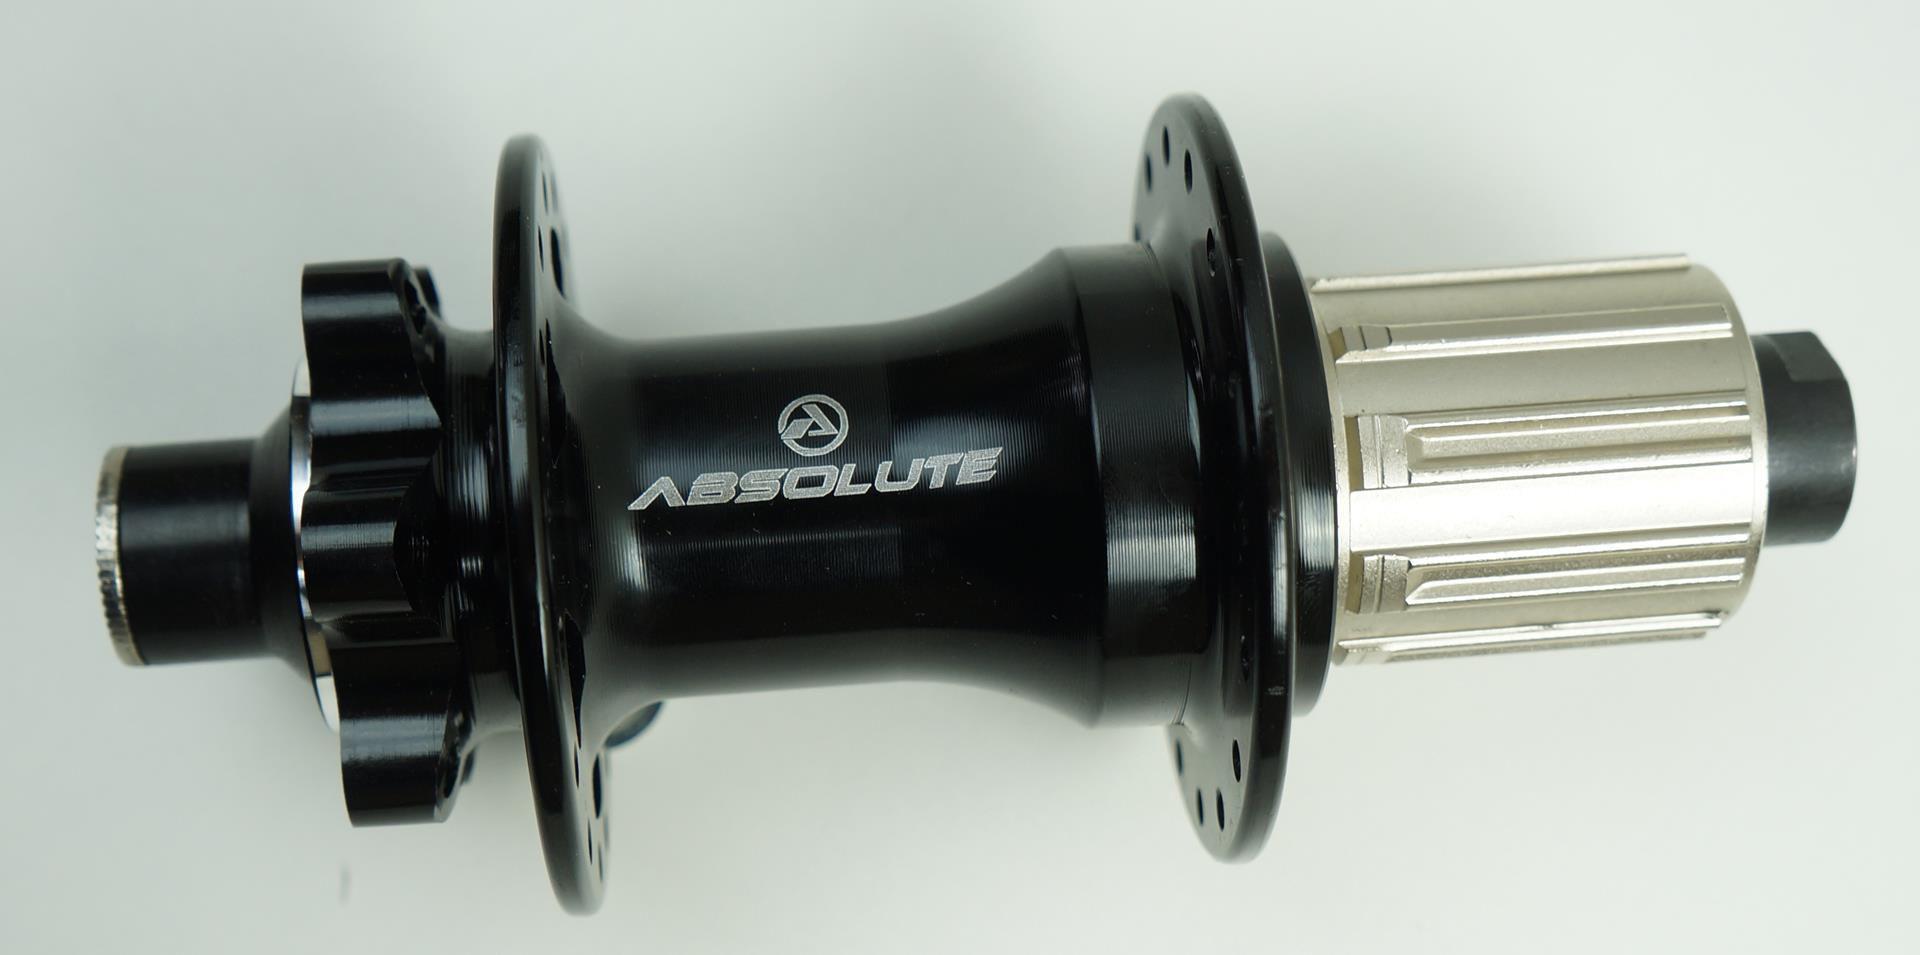 Cubo Traseiro Absolute Prime 142 x 12mm 32 Furos com Rolamentos Eixo Passante